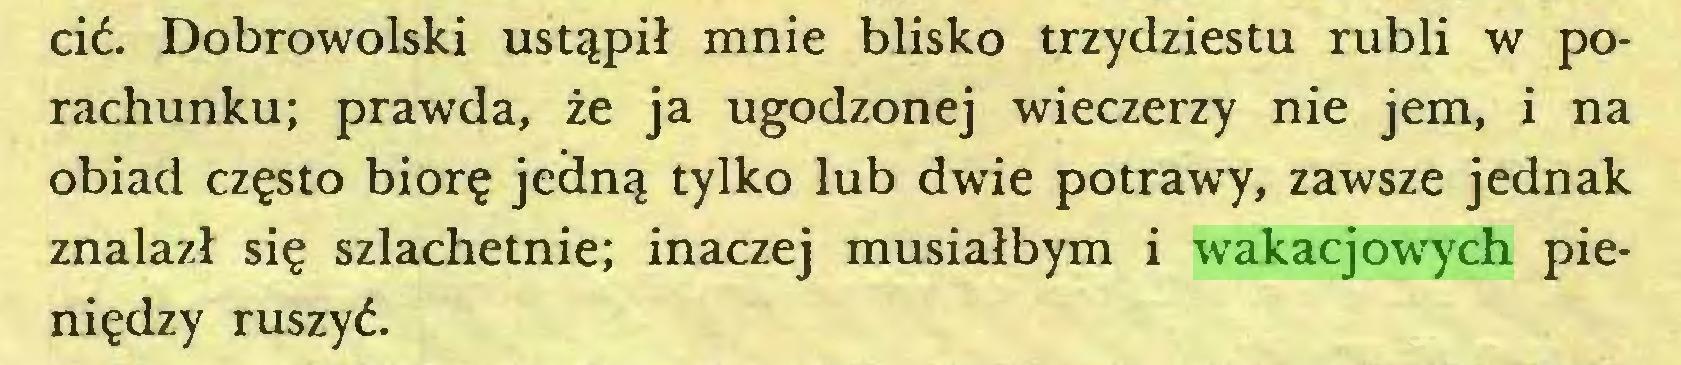 (...) cić. Dobrowolski ustąpił mnie blisko trzydziestu rubli w porachunku; prawda, że ja ugodzonej wieczerzy nie jem, i na obiad często biorę jedną tylko lub dwie potrawy, zawsze jednak znalazł się szlachetnie; inaczej musiałbym i wakacjowych pieniędzy ruszyć...